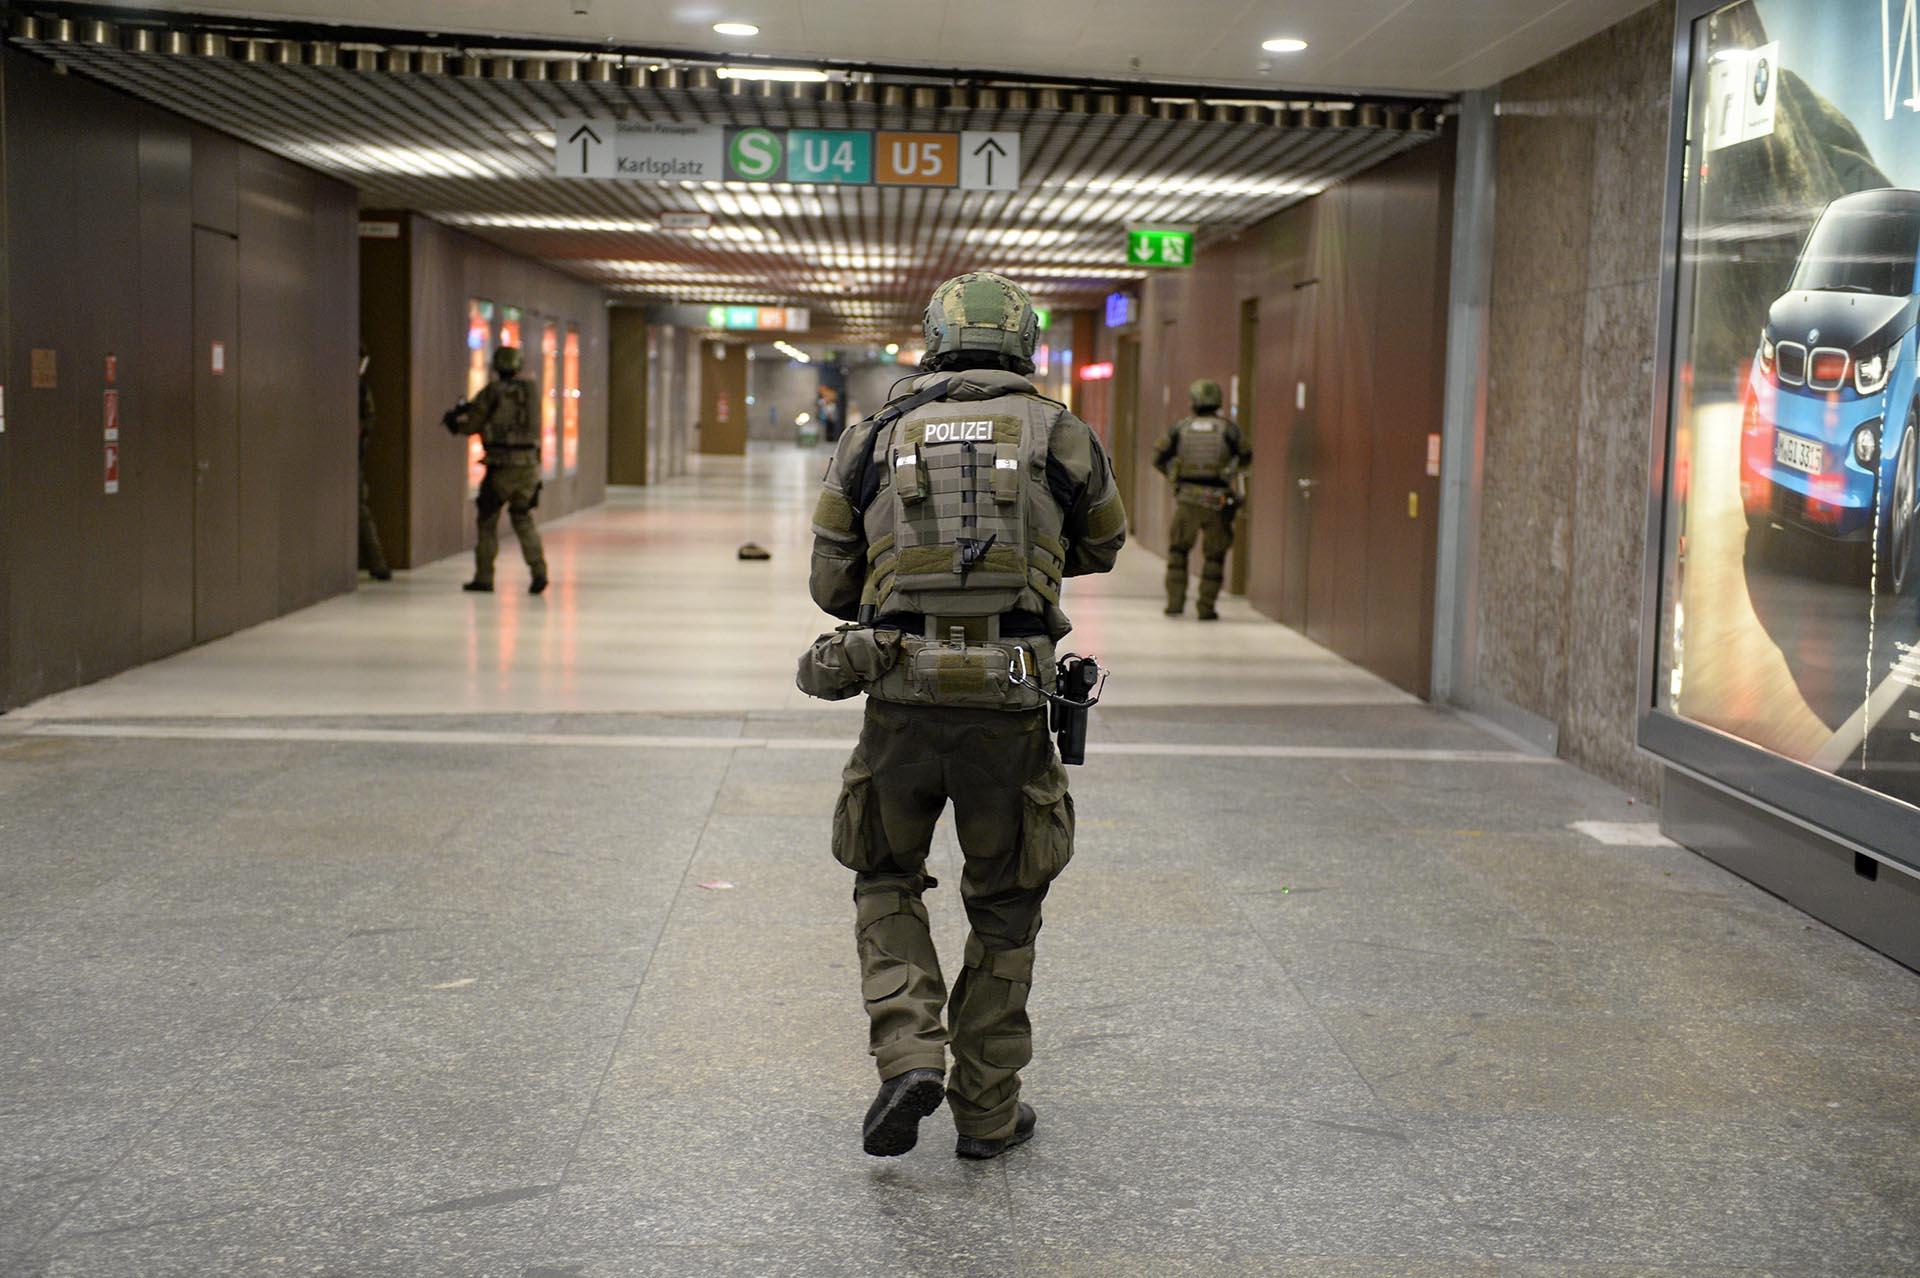 """LUS08 MÚNICH (ALEMANIA) 22/07/2016.- Policías de las fuerzas especiales aseguran la estación de metro de Karlsplatz (Stachus) tras el tiroteo registrado en un centro comercial en Múnich, Alemania hoy, 22 de julio de 2016. Varias personas han muerto y otras han resultado heridas hoy en un tiroteo registrado en un centro comercial de Múnich (sur de Alemania), según informa el diario """"Süddeustche Zeitung"""" citando fuentes policiales, que hablan de un solo atacante. EFE/ANDREAS GEBERT"""